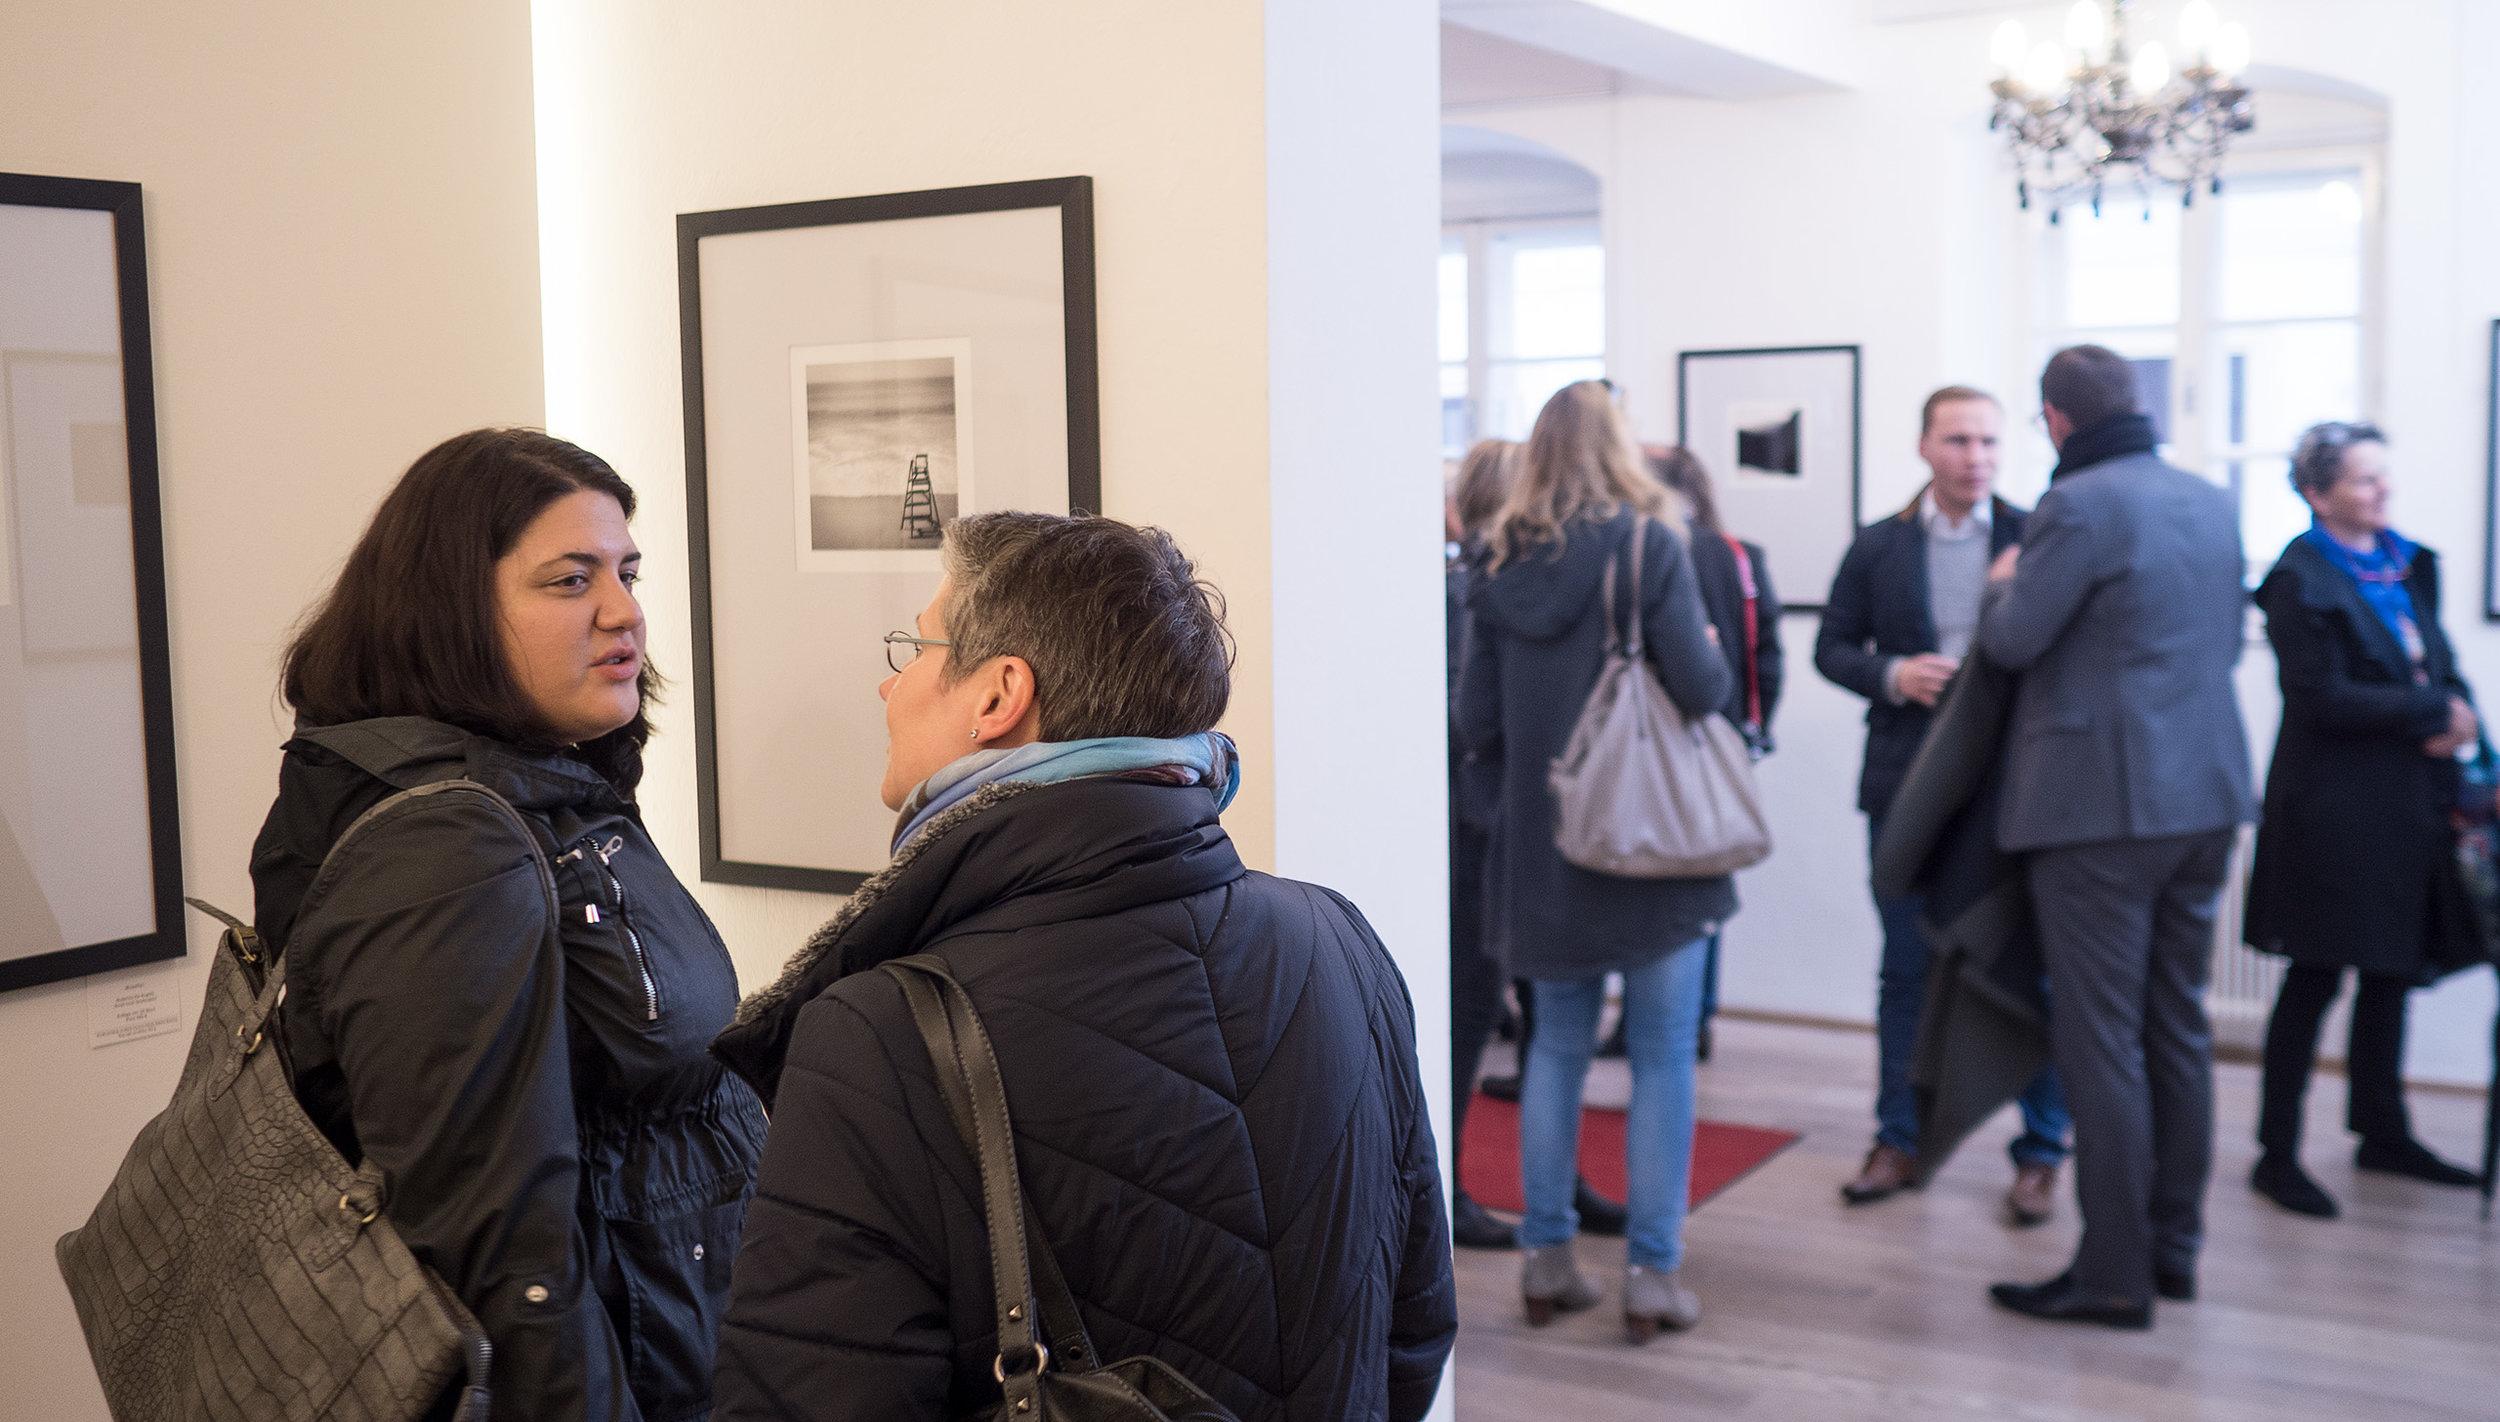 Galerie_LIK_deAngelis037.jpg